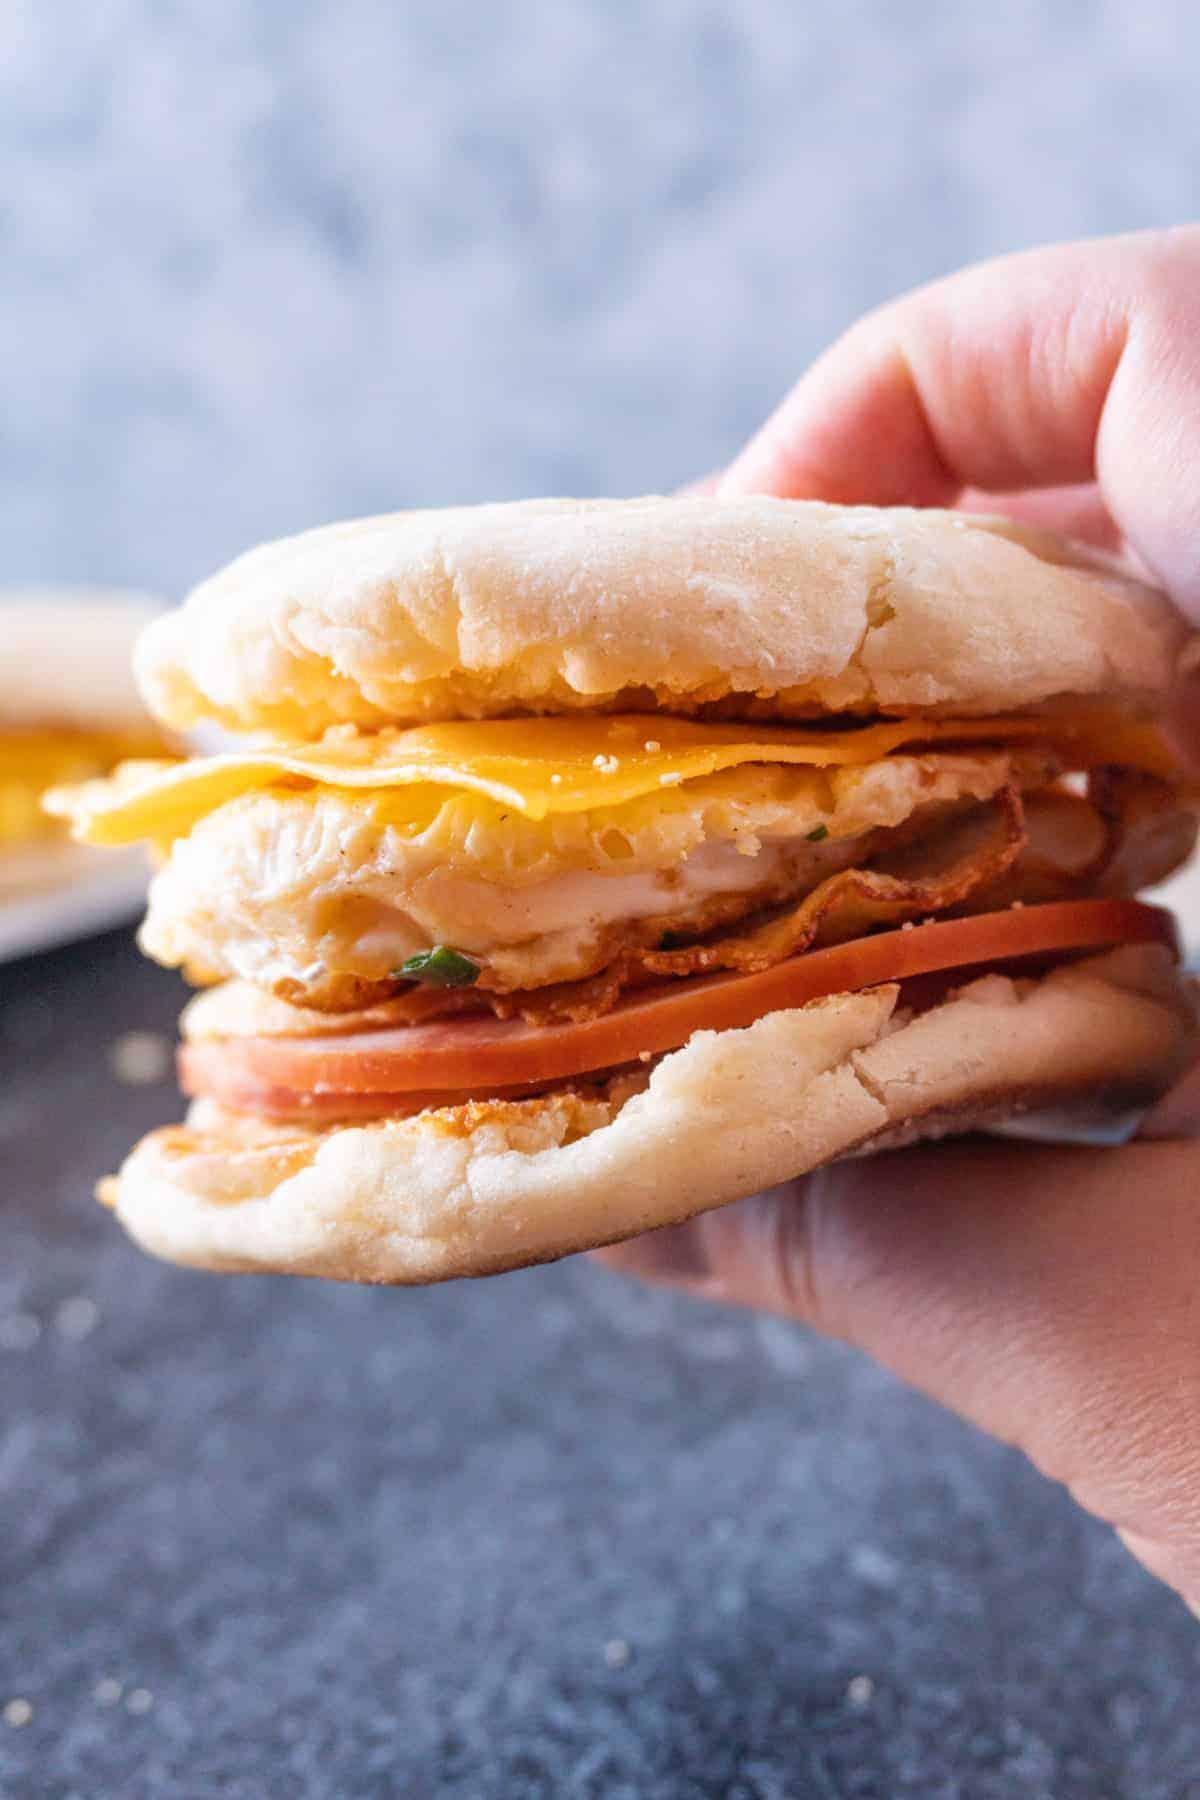 holding a fried egg breakfast sandwich